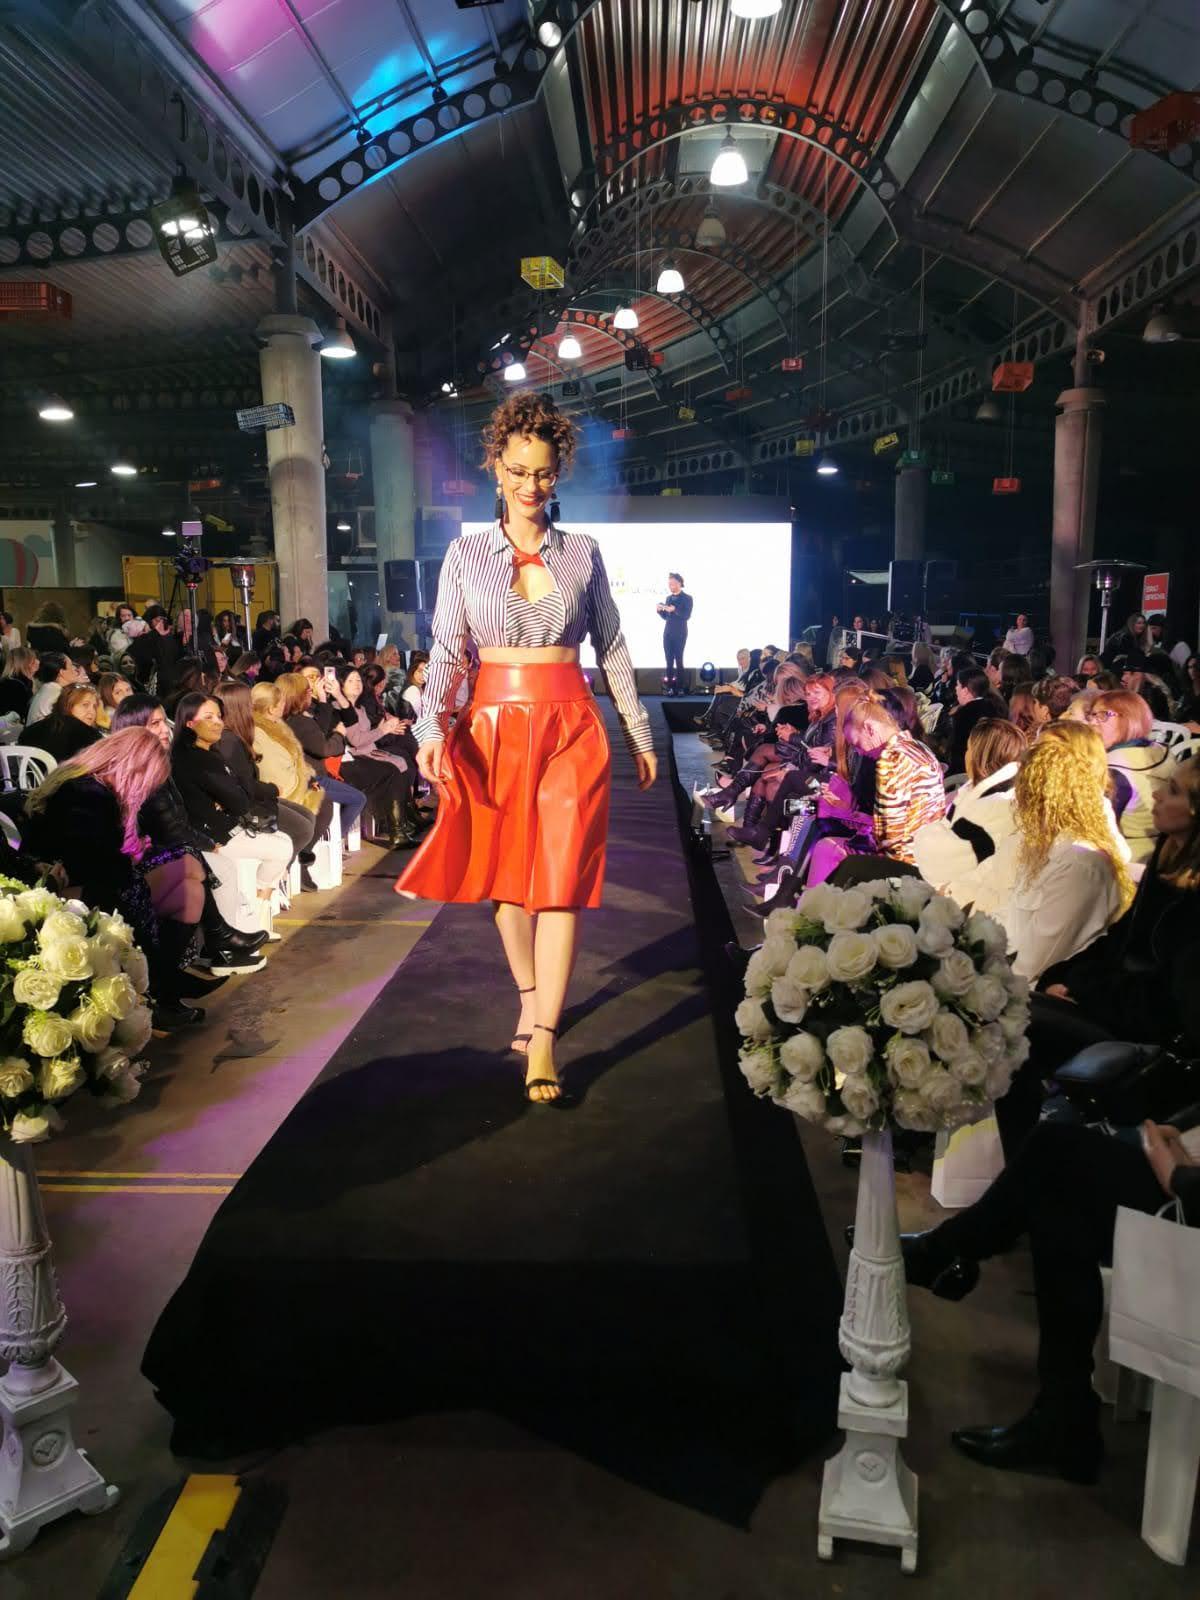 תצוגת אופנה בעפולה עם פריטי הקורסים